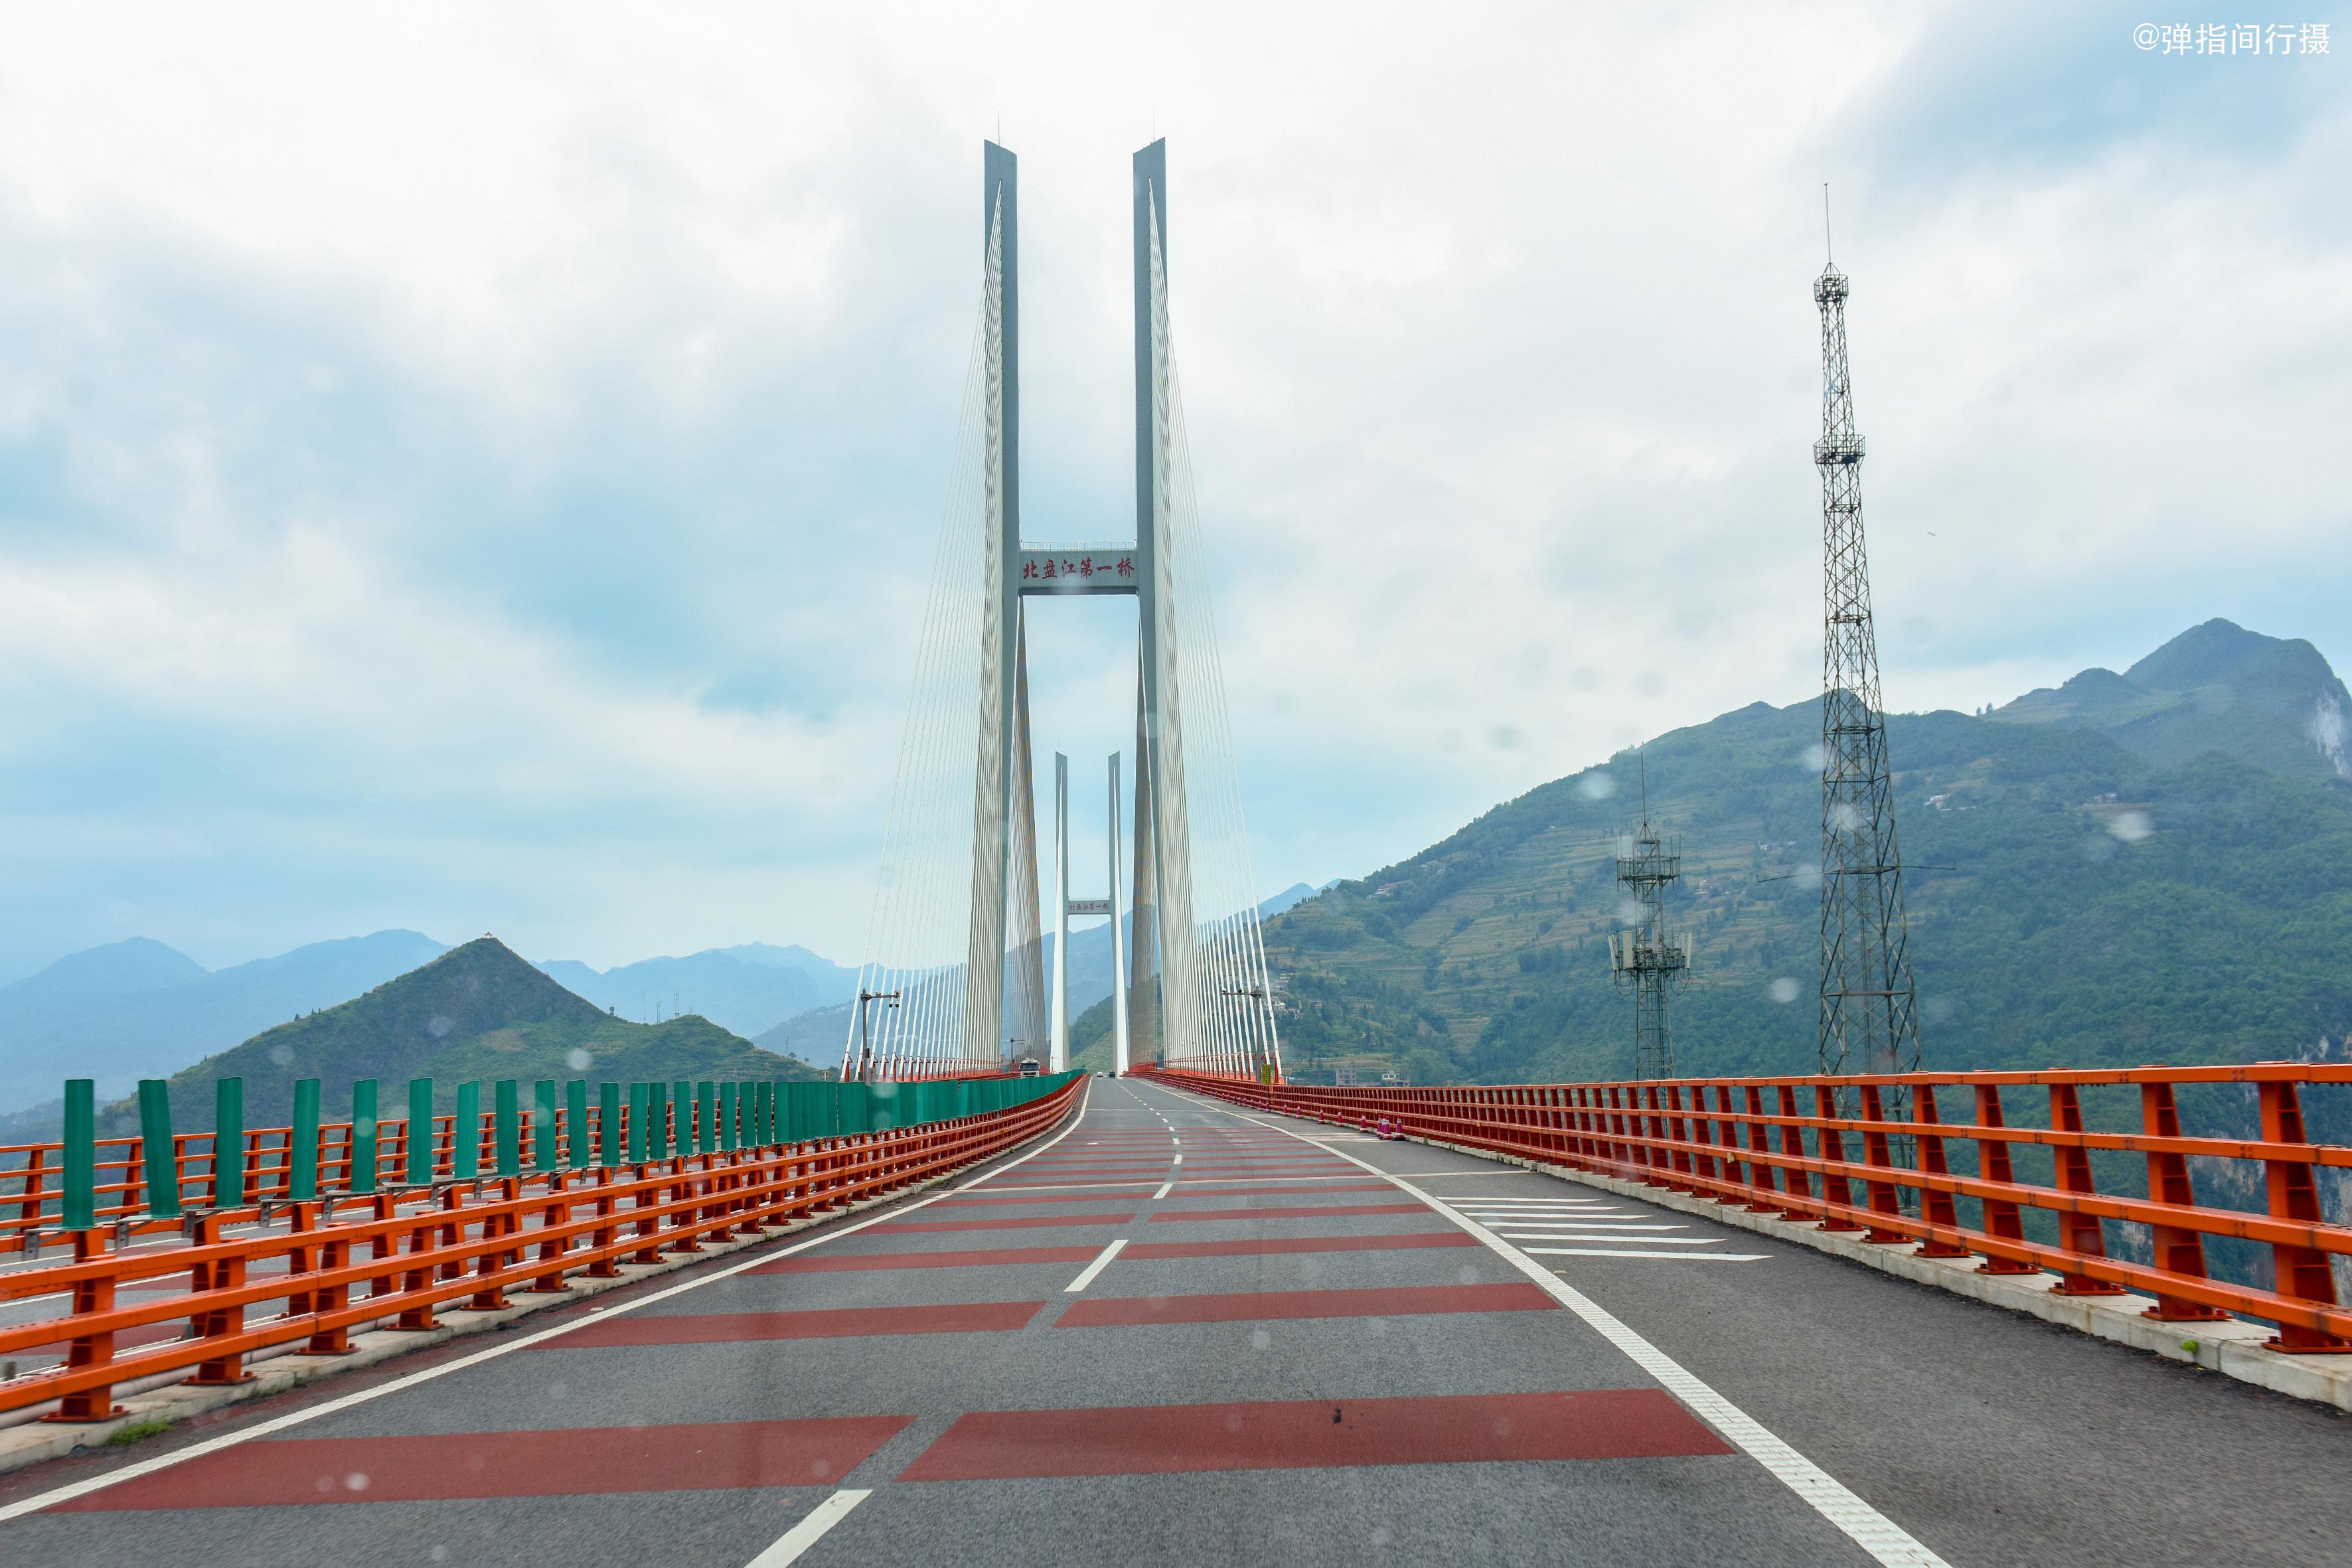 大桥的一日十次_世界第一高的北盘江大桥,垂直高度达565米,横跨贵州和云南两省